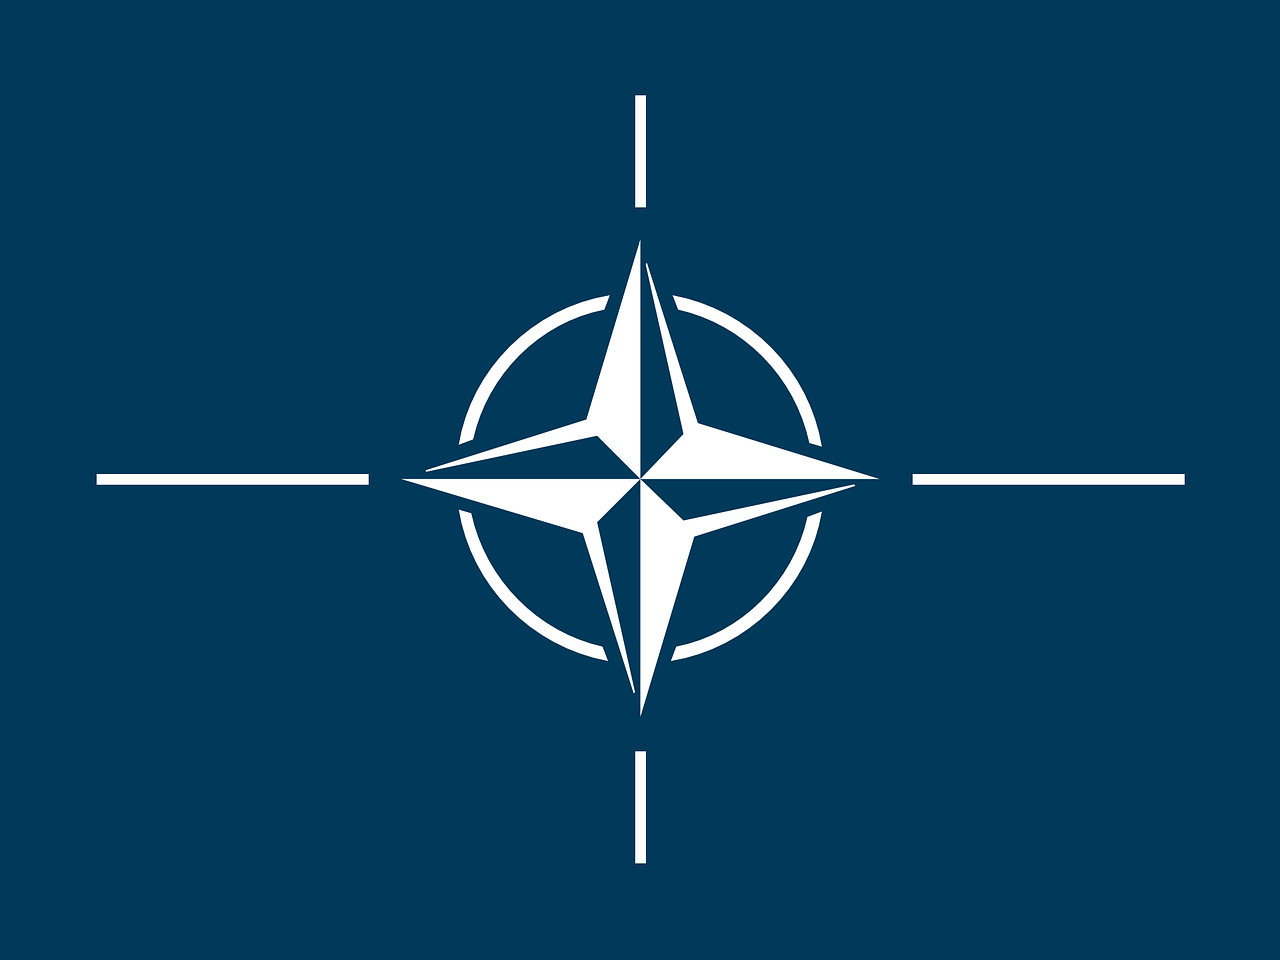 NATO oficiálne vyzvalo Rusko a Čínu, aby si prestali vymýšľať falošné správy